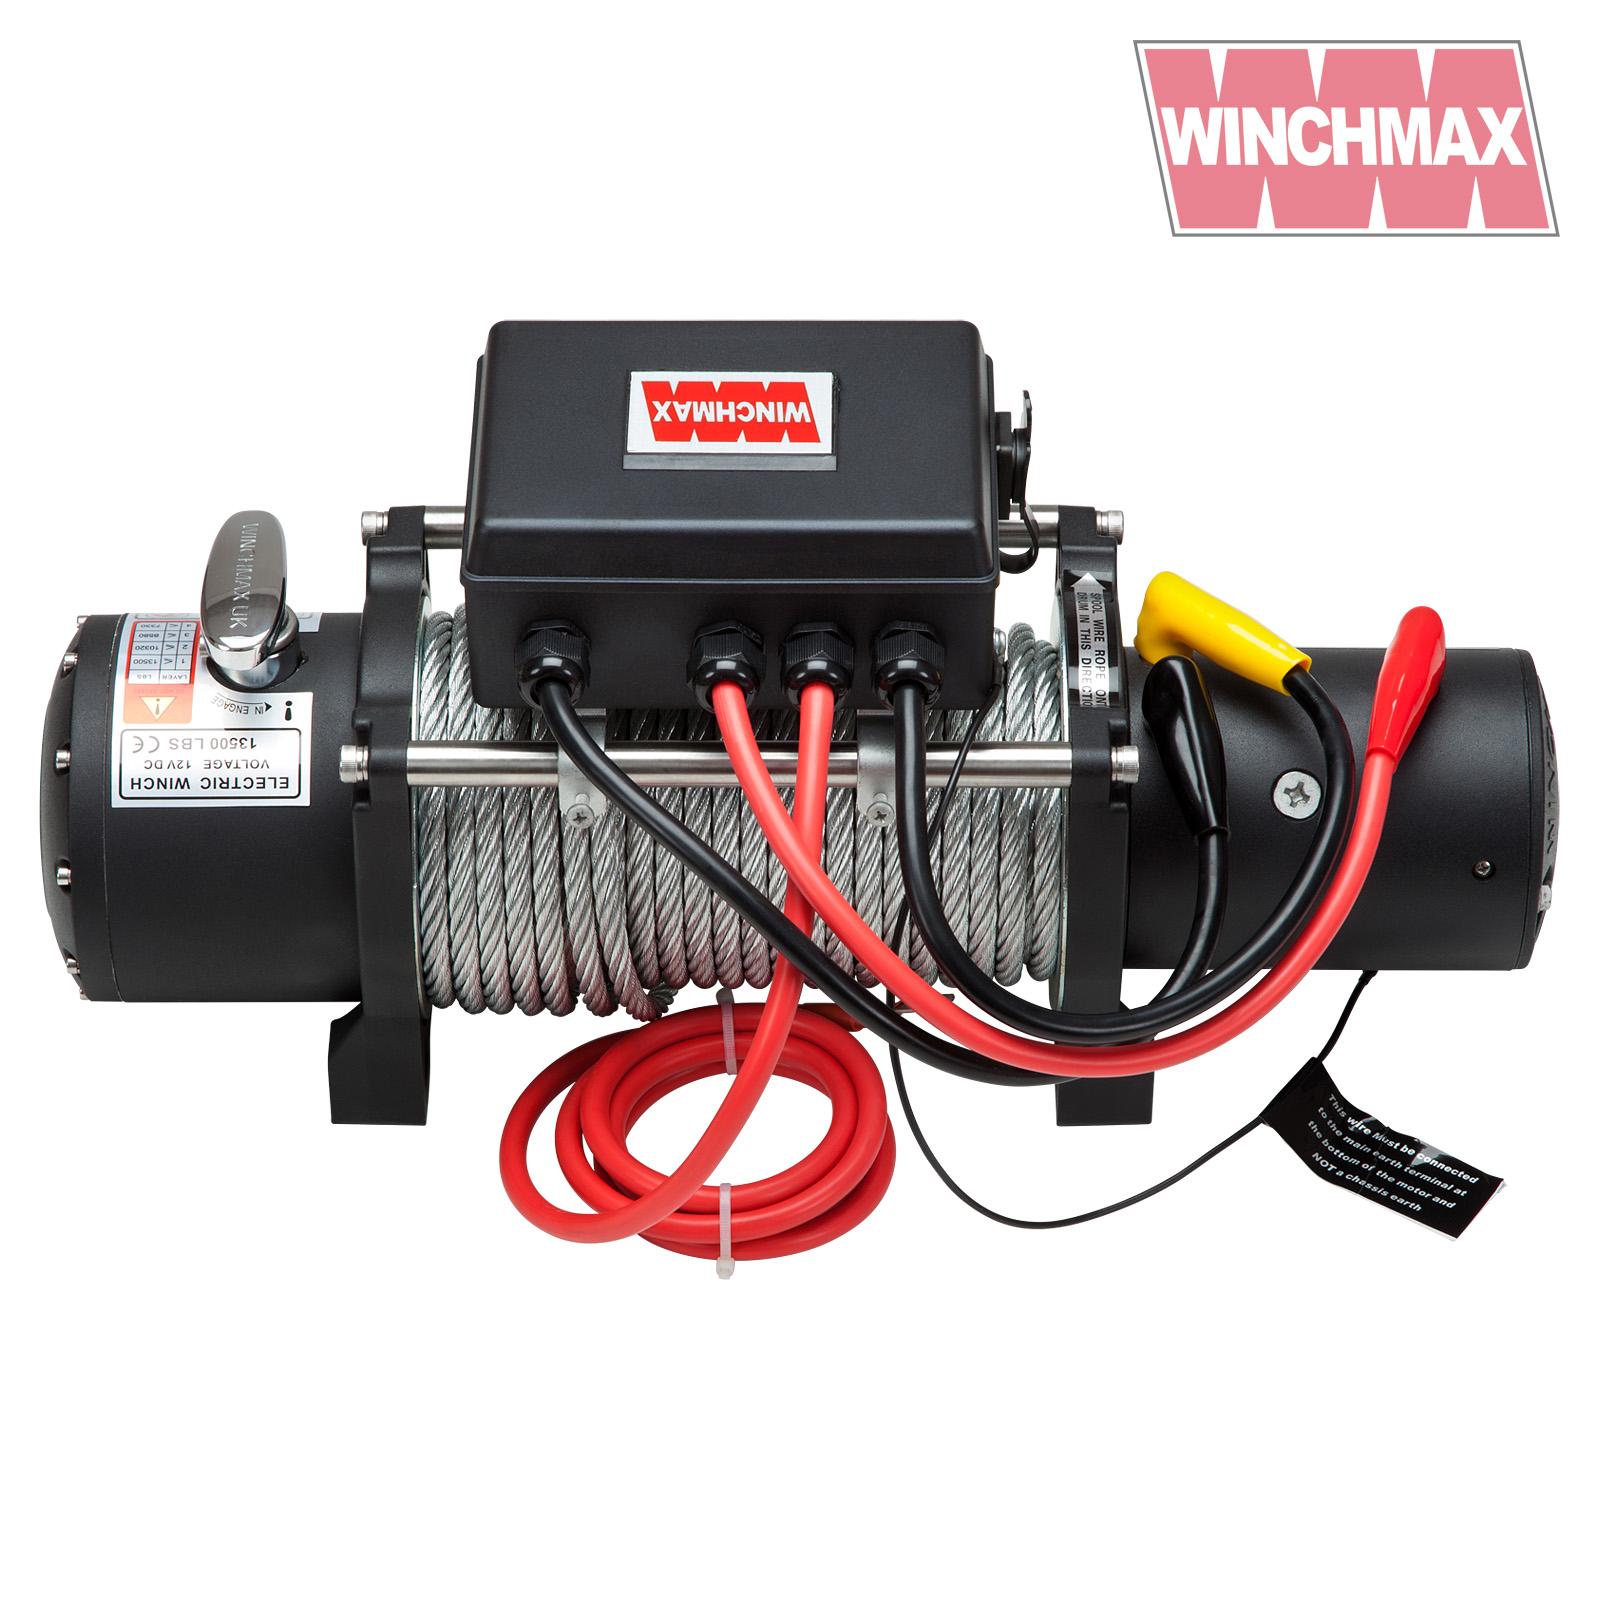 Wm1300012vmil winchmax 192